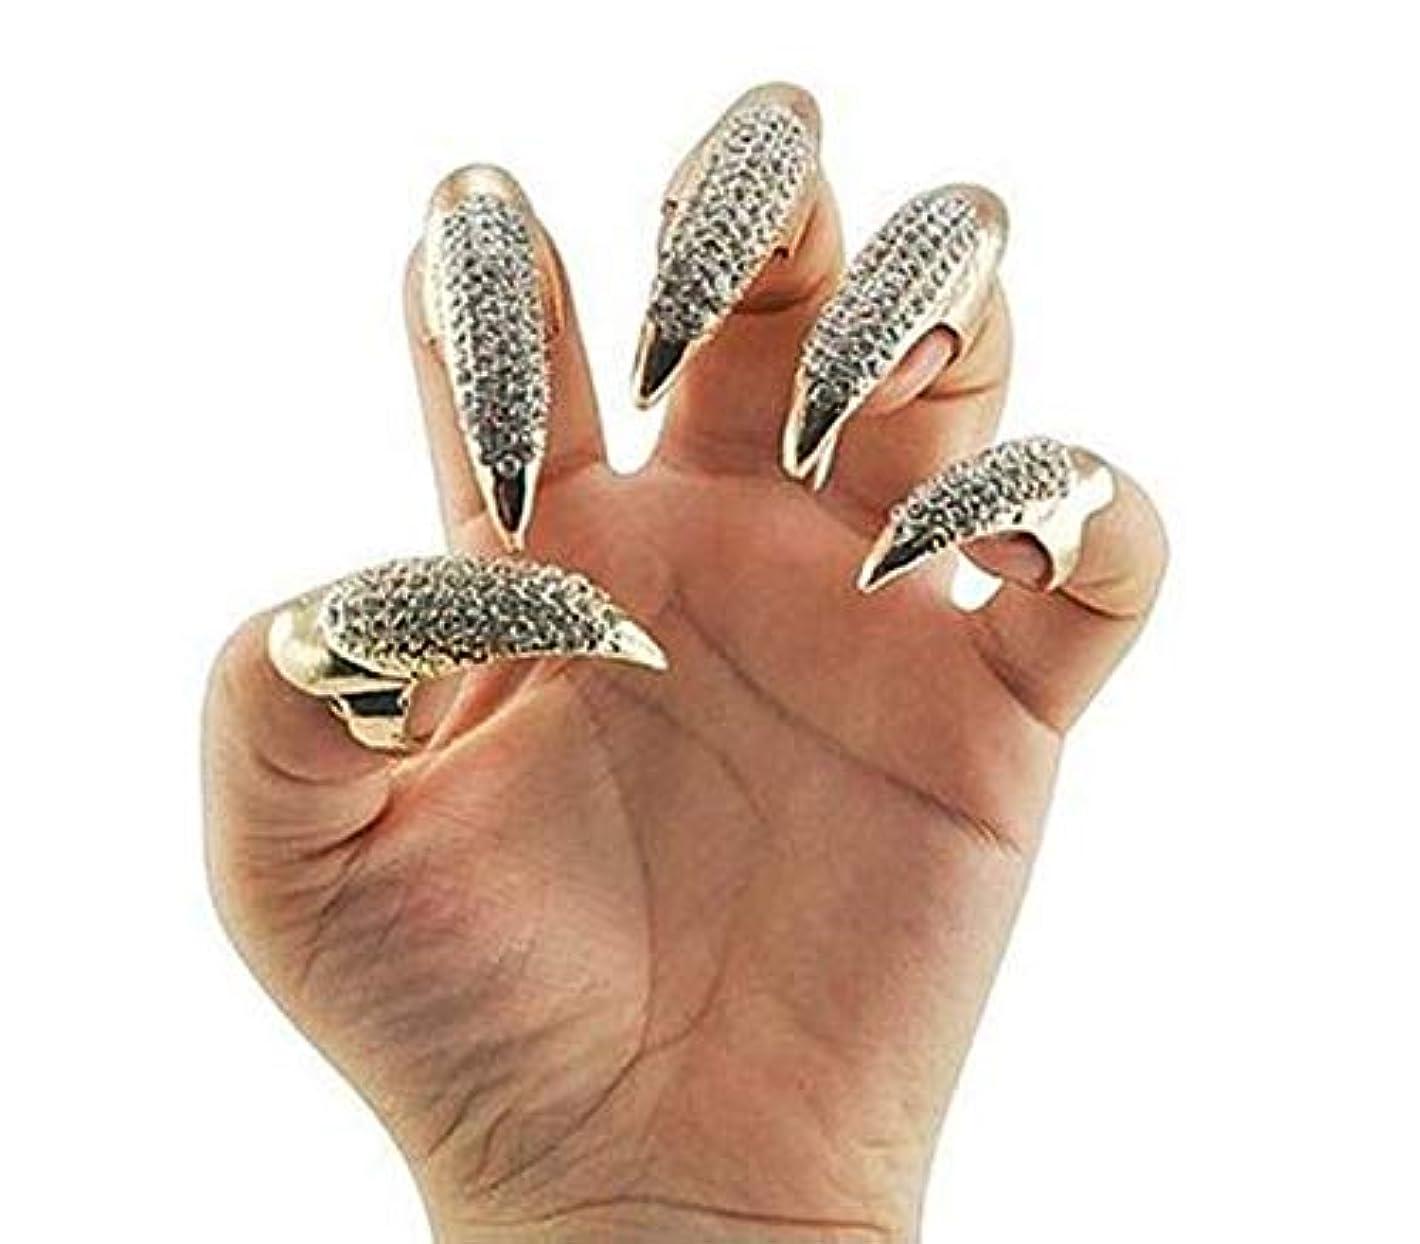 道を作るトーナメントソース(Silver) - 10 PCS Bestga Gothic Punk Style 3 Sizes Crystal Rhinestone Paved Paw Bend Fingertip Finger Claw Ring Fake False Nails Set Coseplay Decorations - Silver